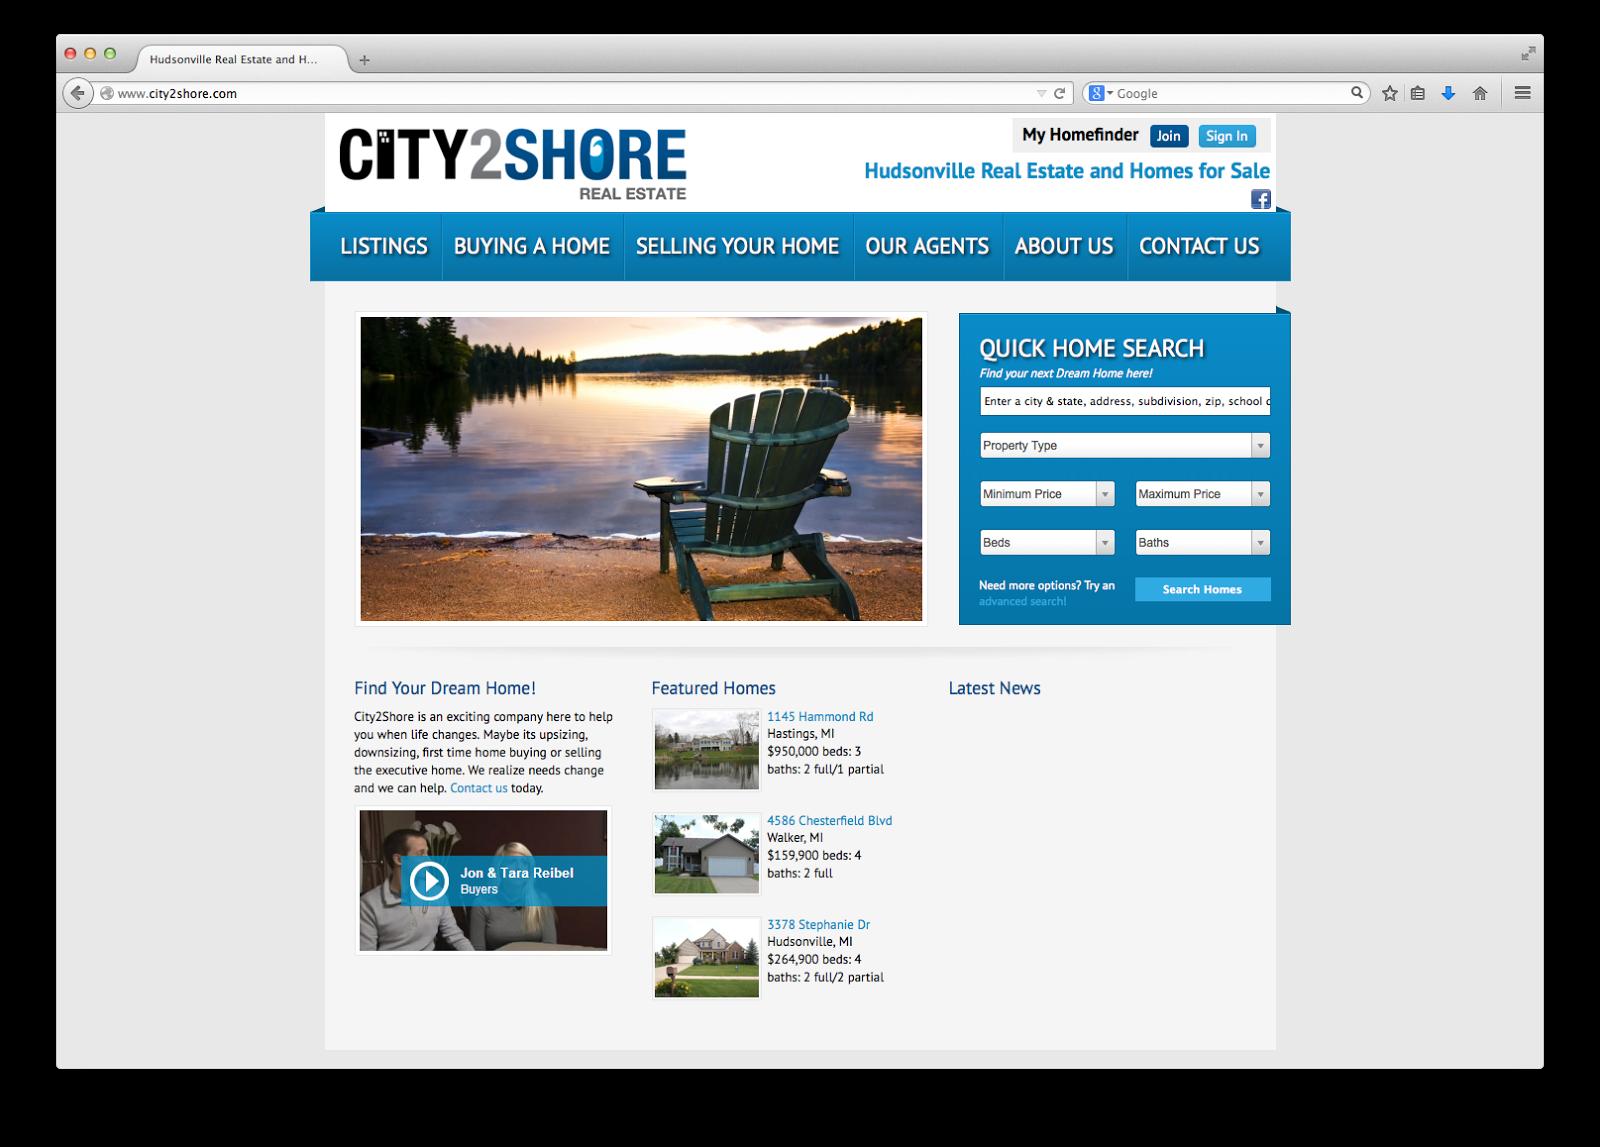 http://www.city2shore.com/